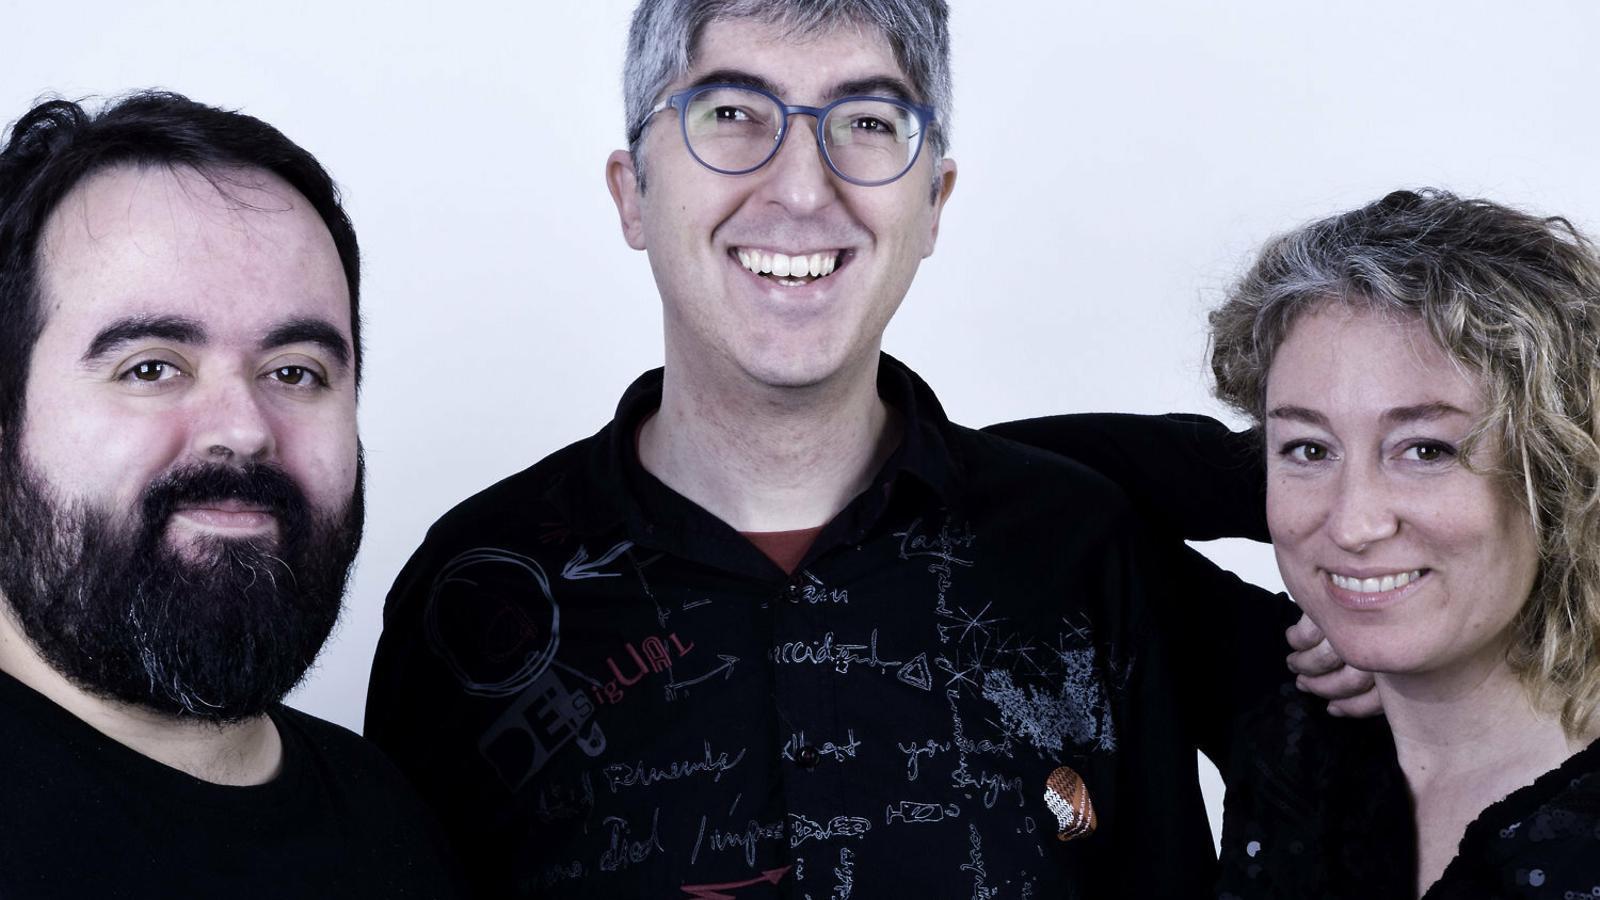 Neix un espai de trobada per a la comunitat cultural de Lleida